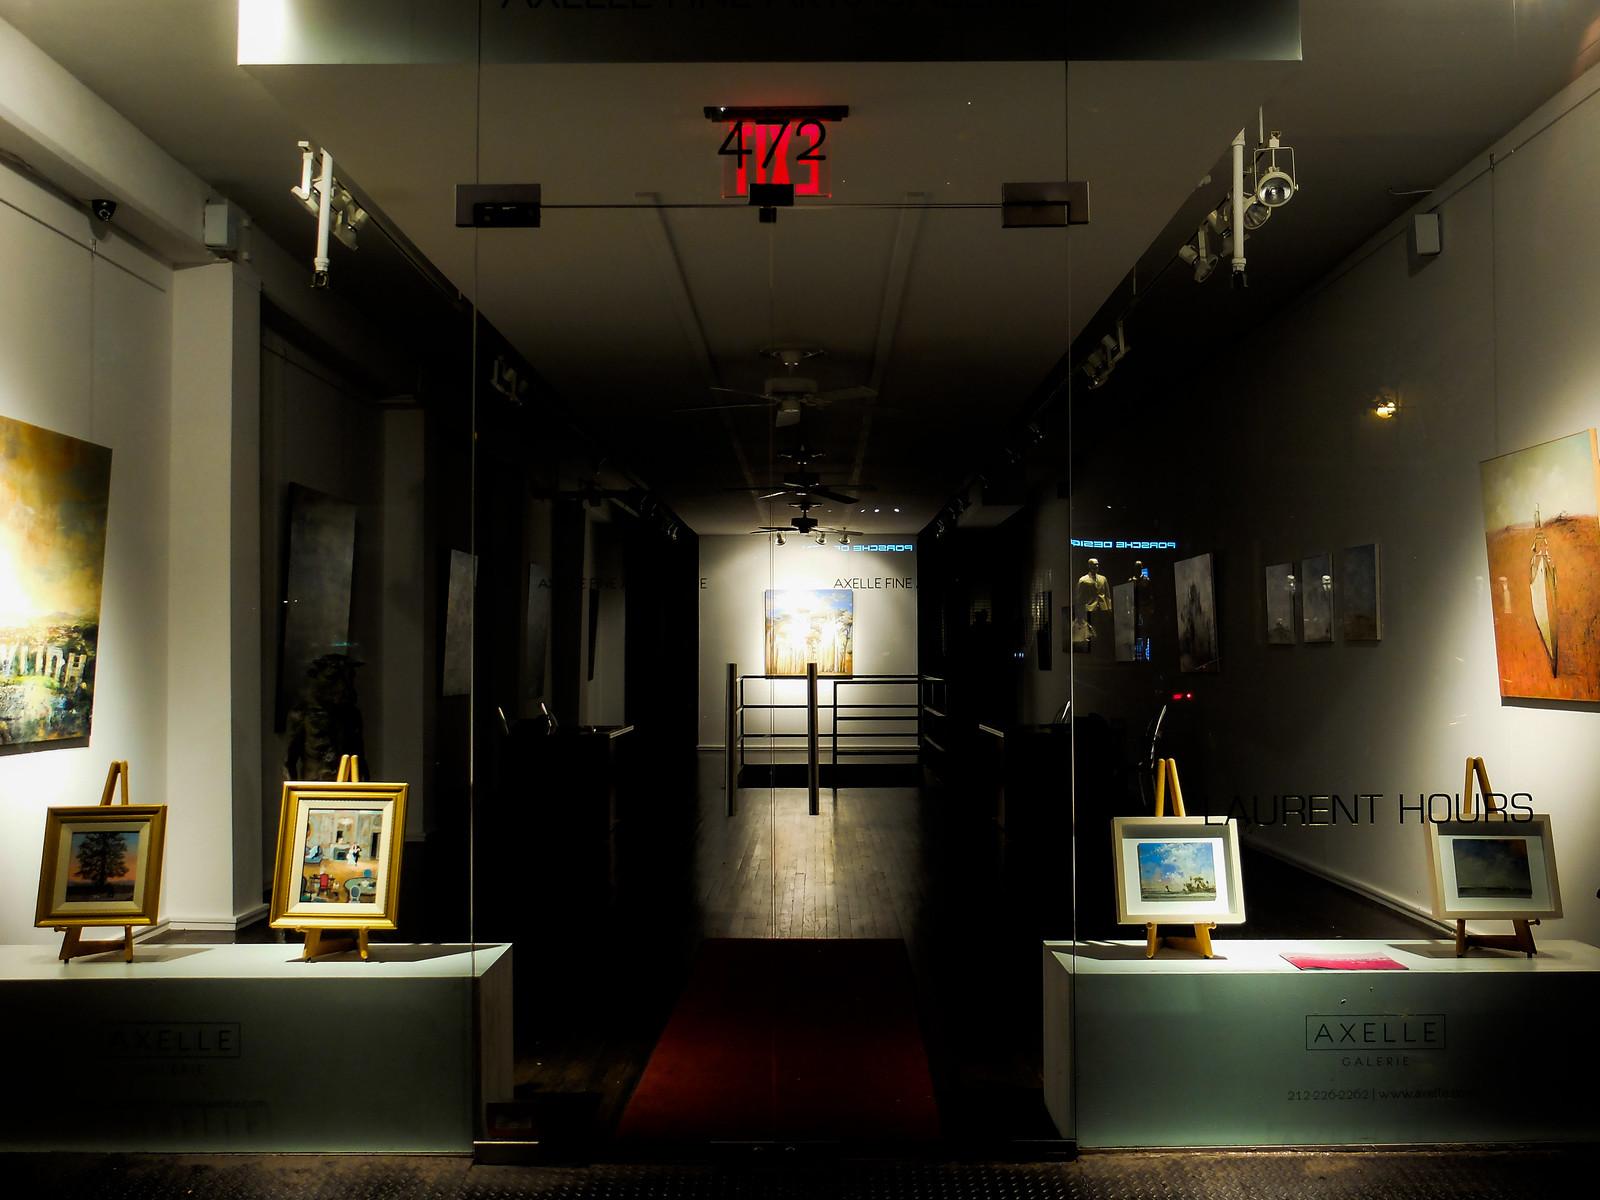 Night Gallery by wwward0